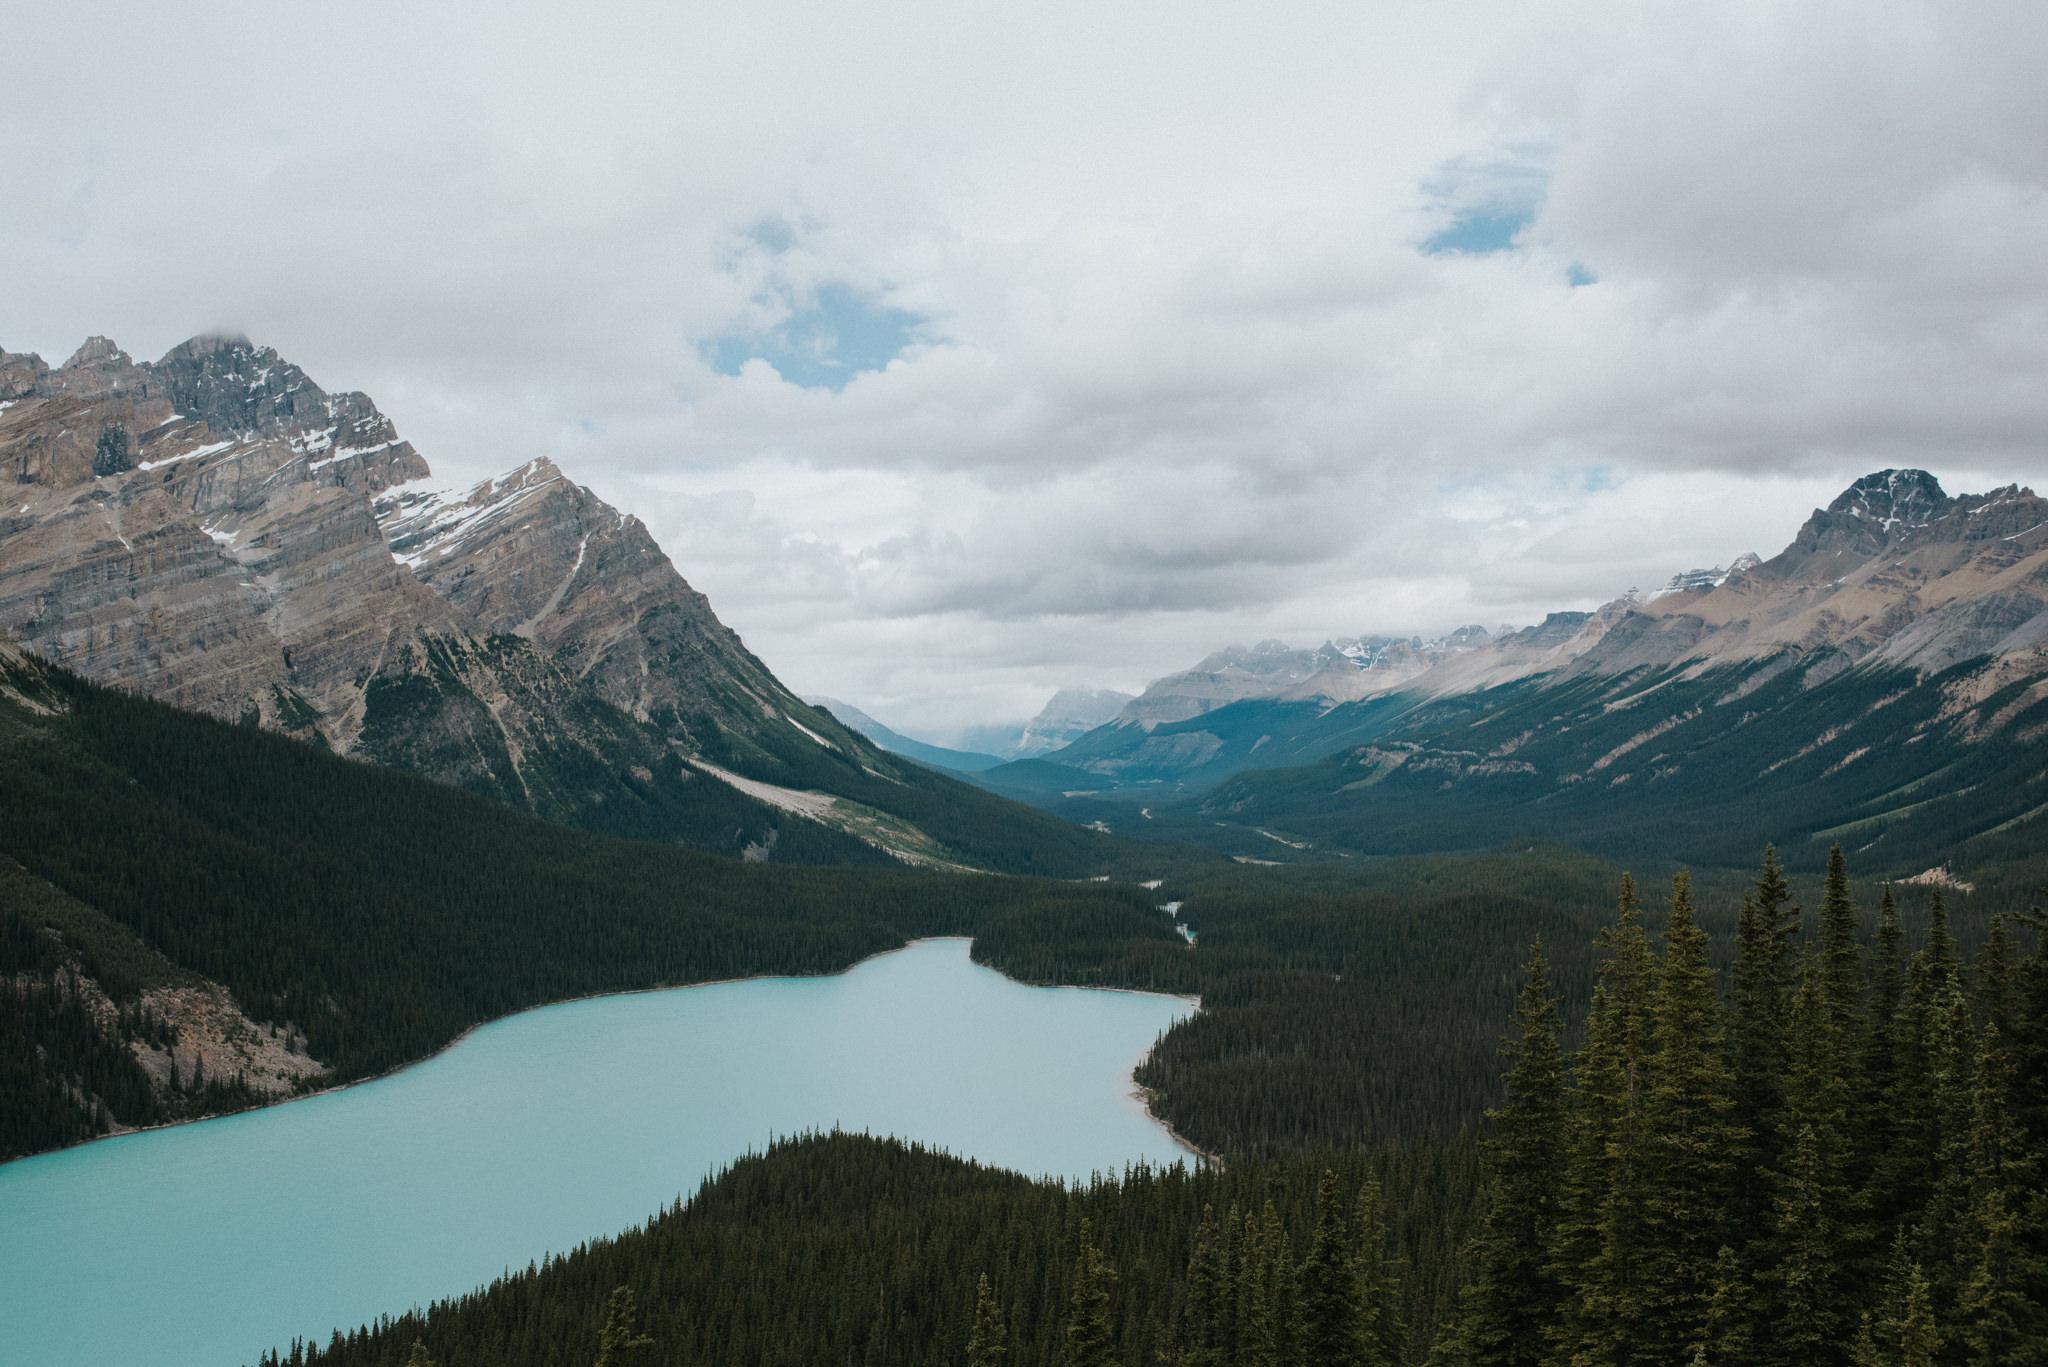 Peyto Lake in Banff National Park // Daring Wanderer: www.daringwanderer.com